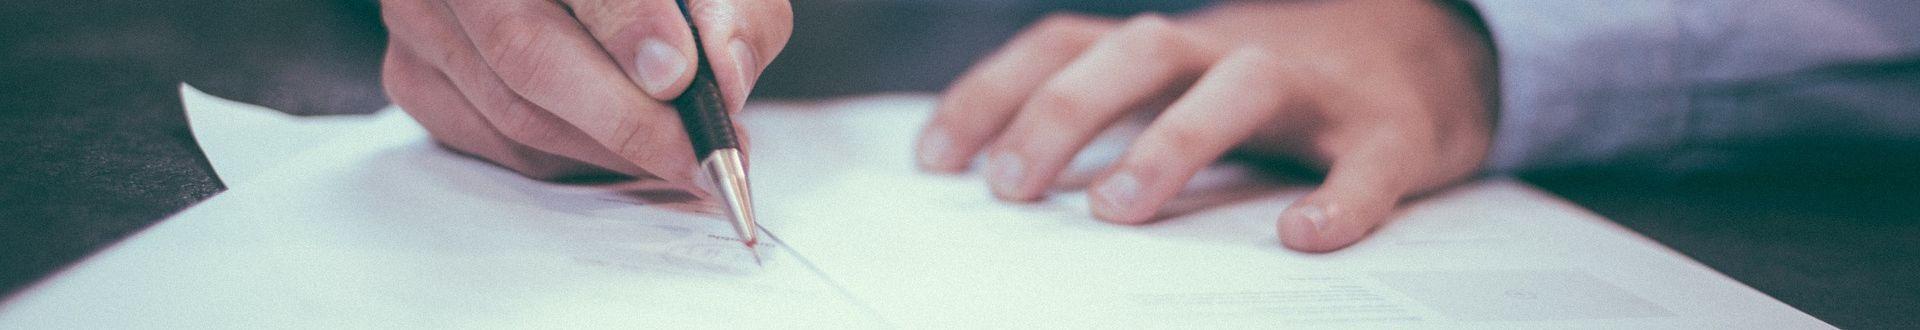 Auch ein Aufhebungsvertrag kann eine ALG I-Sperre zur Folge haben.